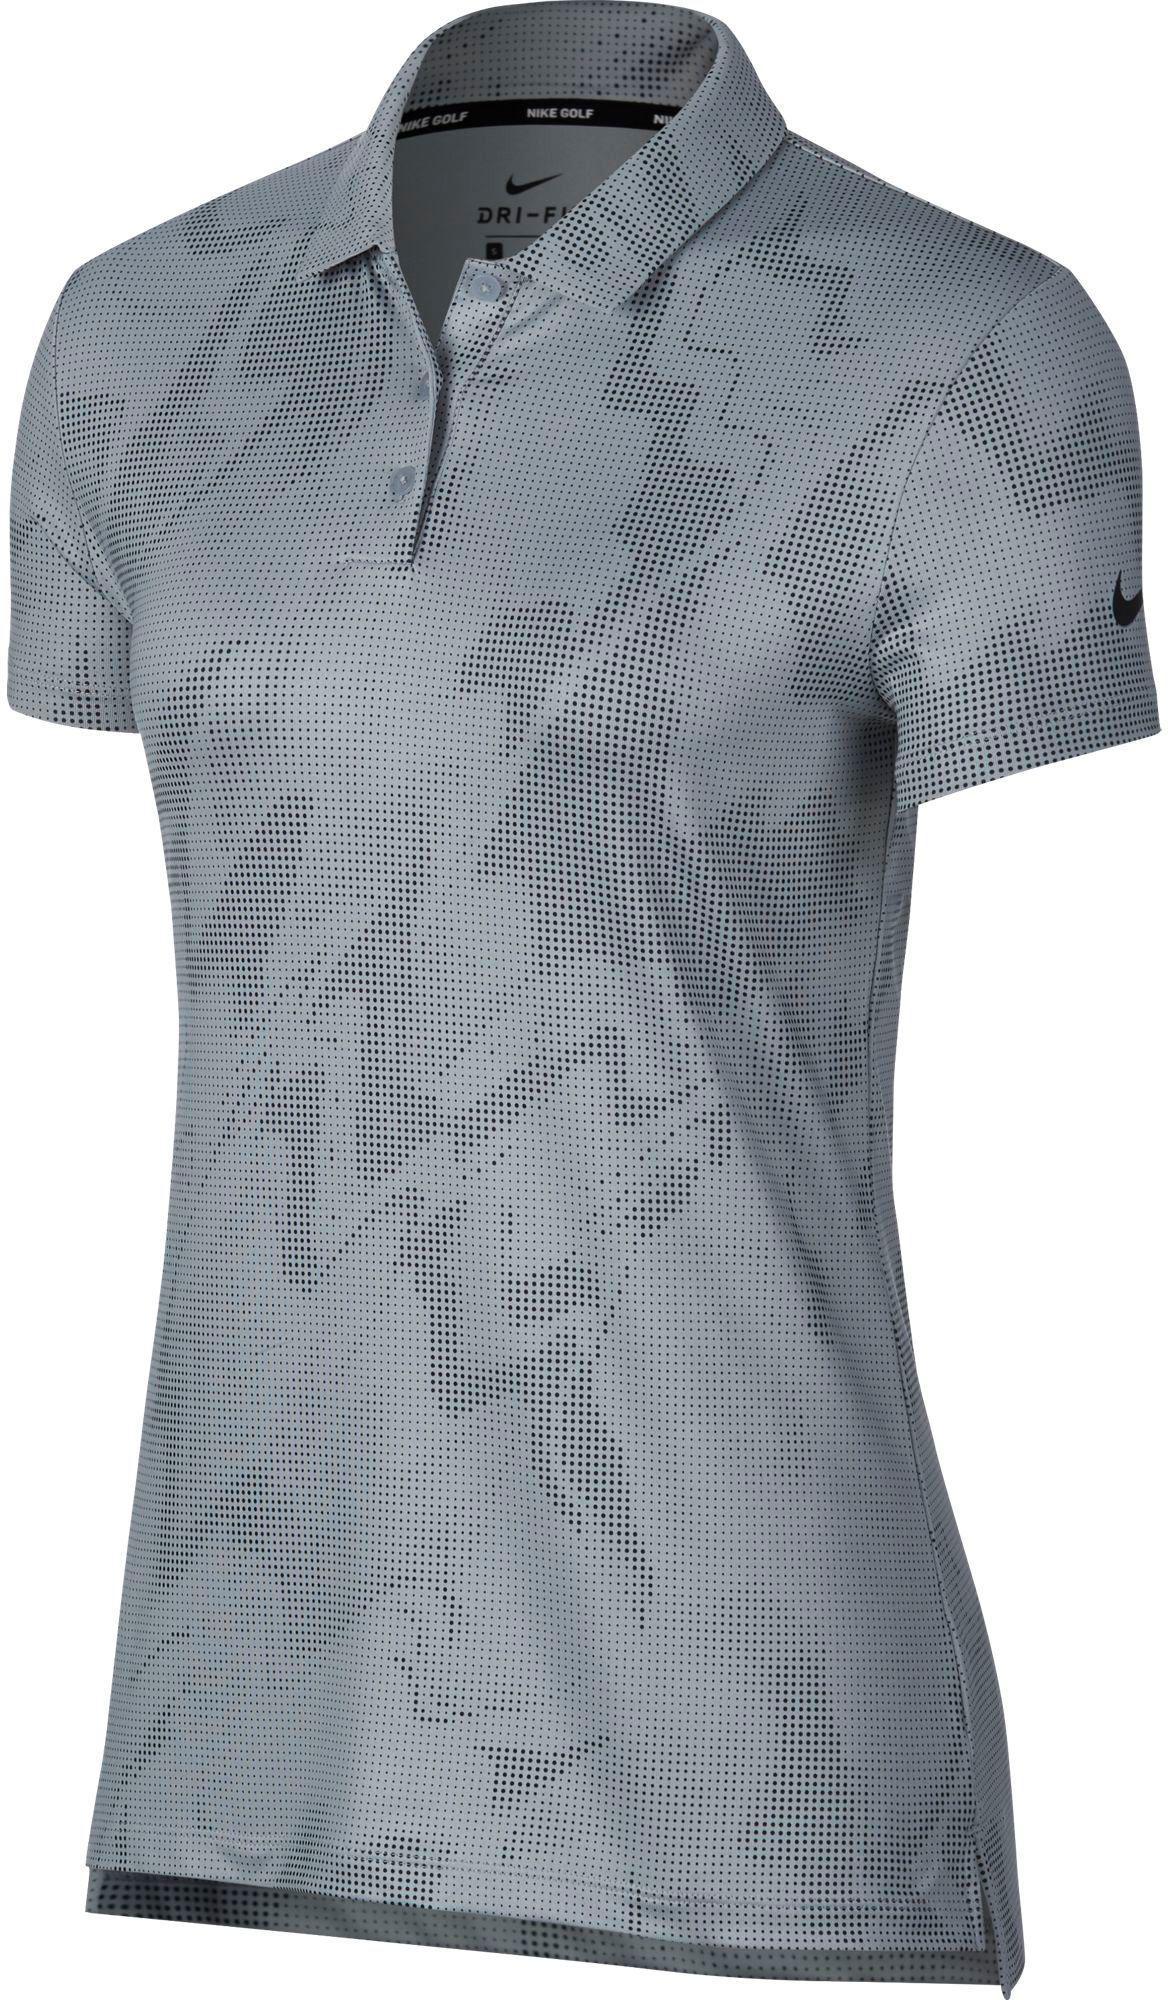 Nike Polo Shirt Printing Bcd Tofu House